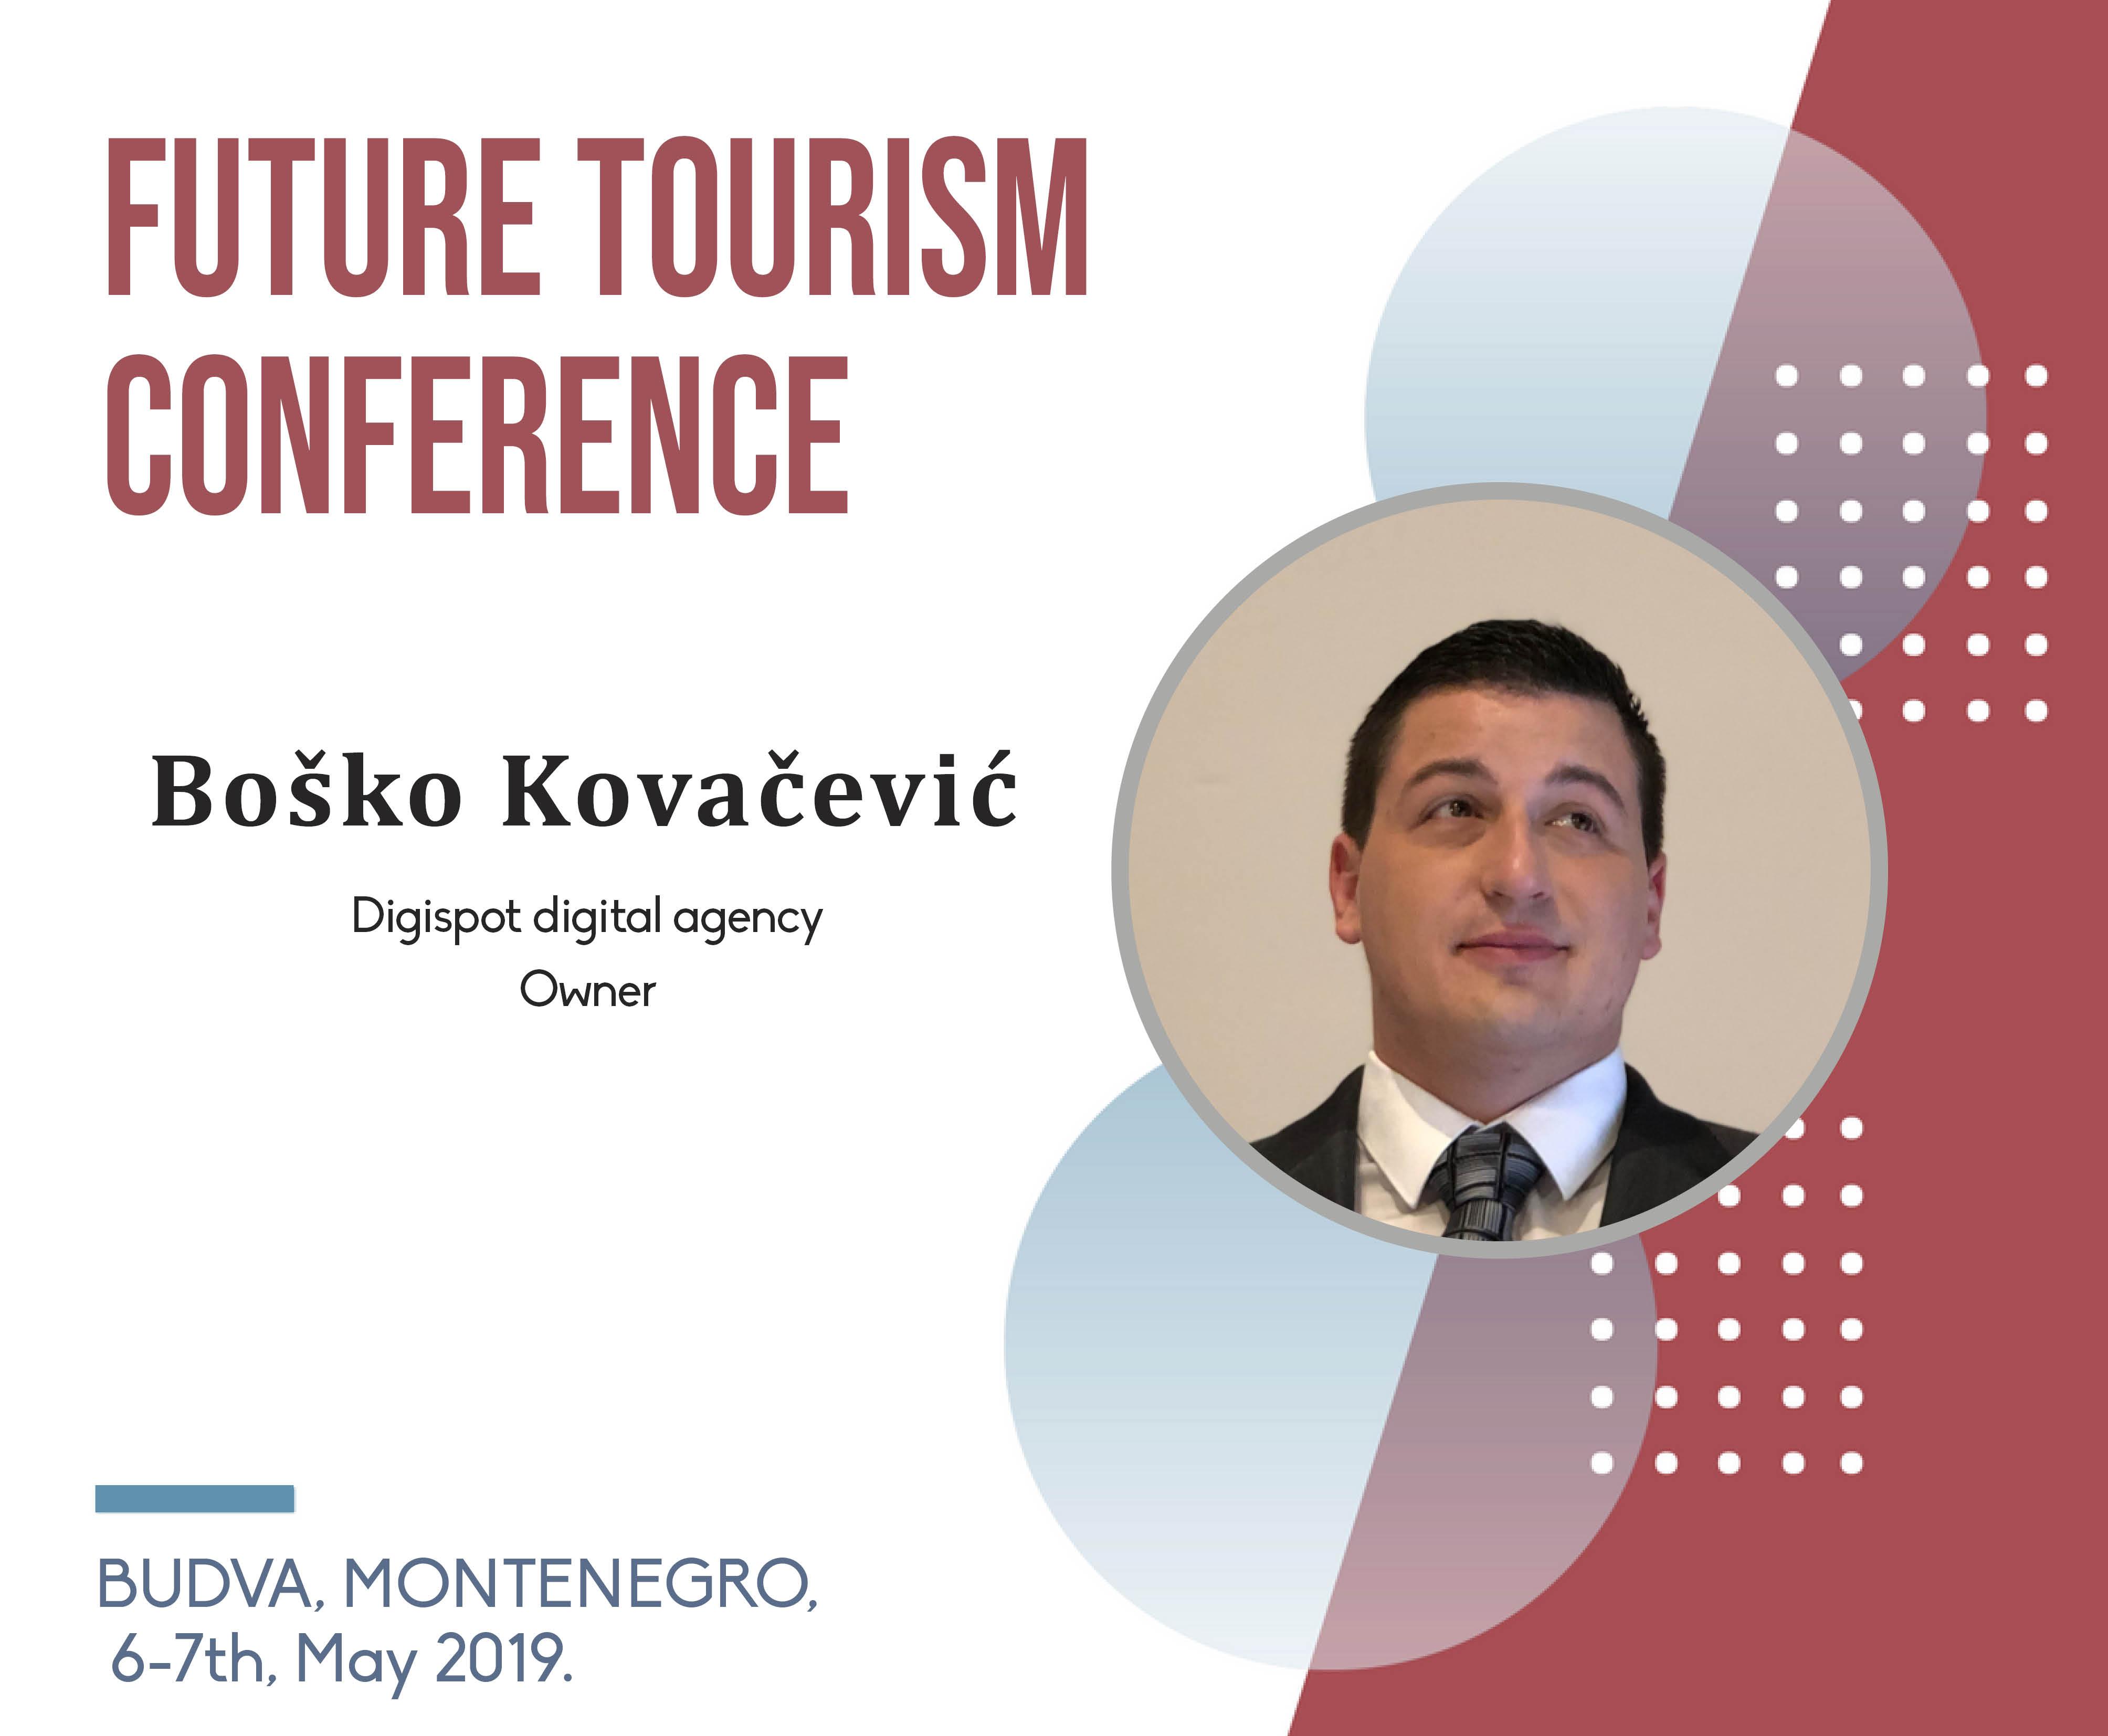 Bosko Kovacevic